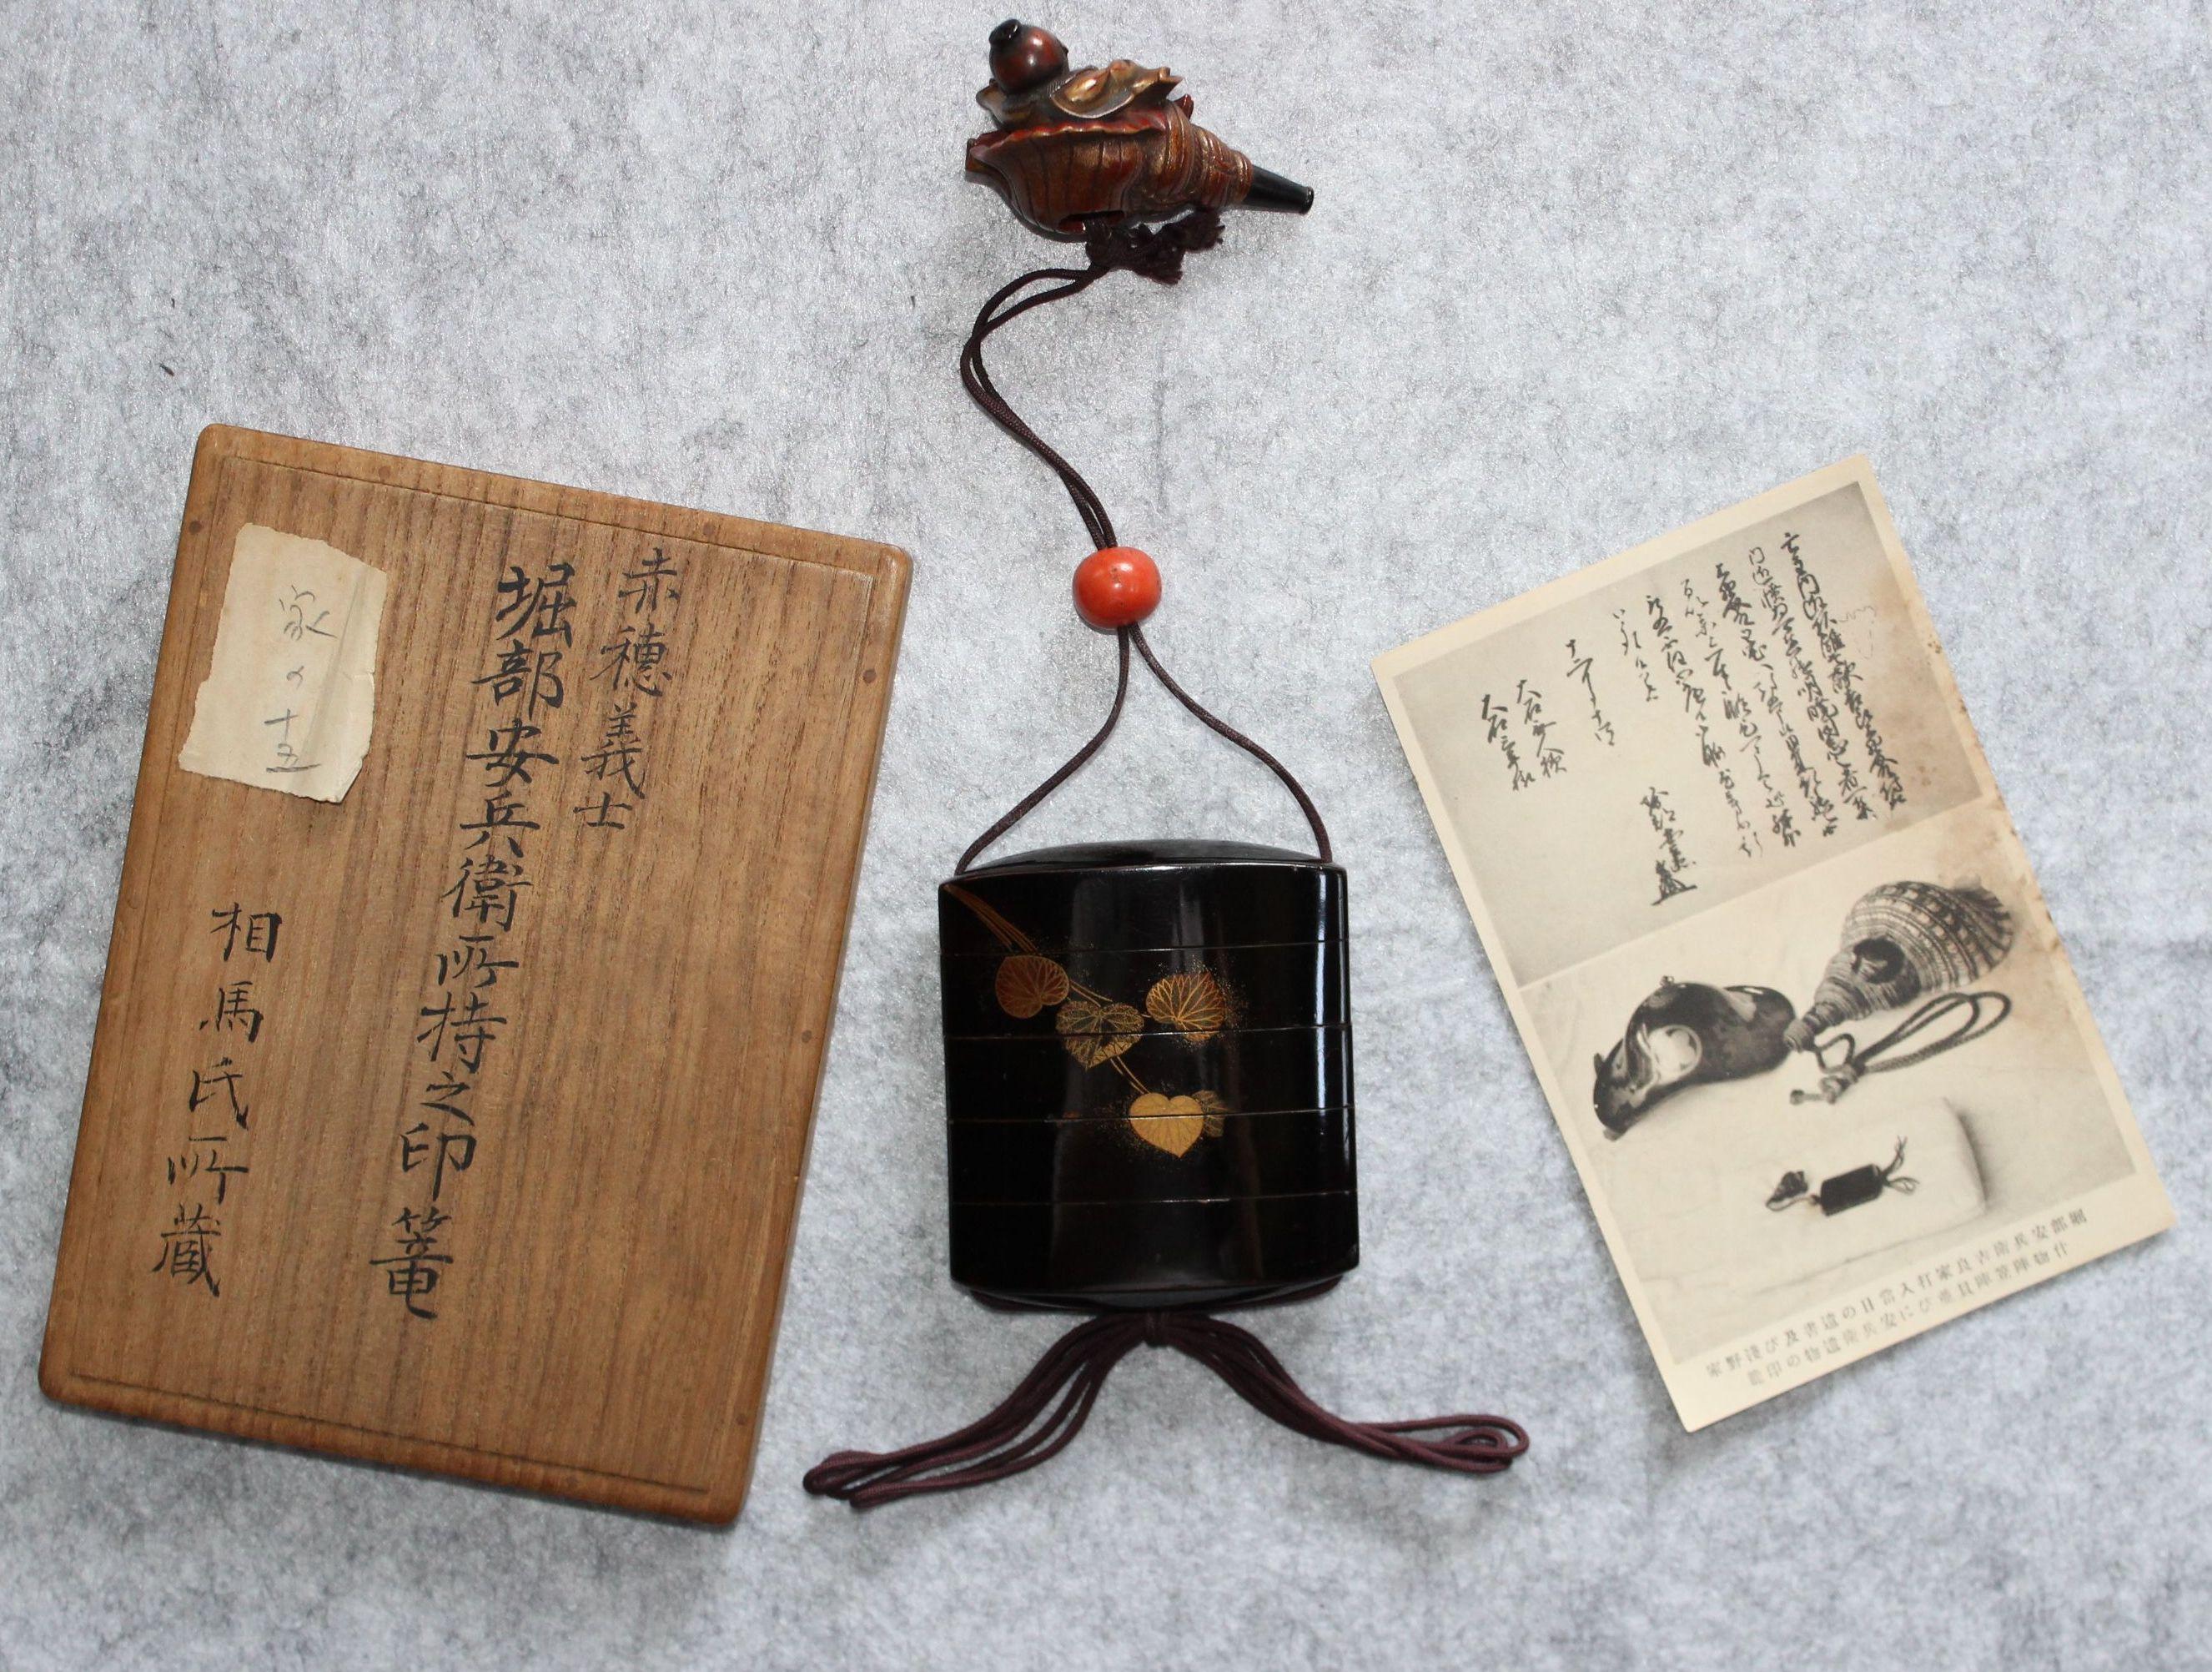 東京都内で見つかった堀部安兵衛が所持していたとされる印籠